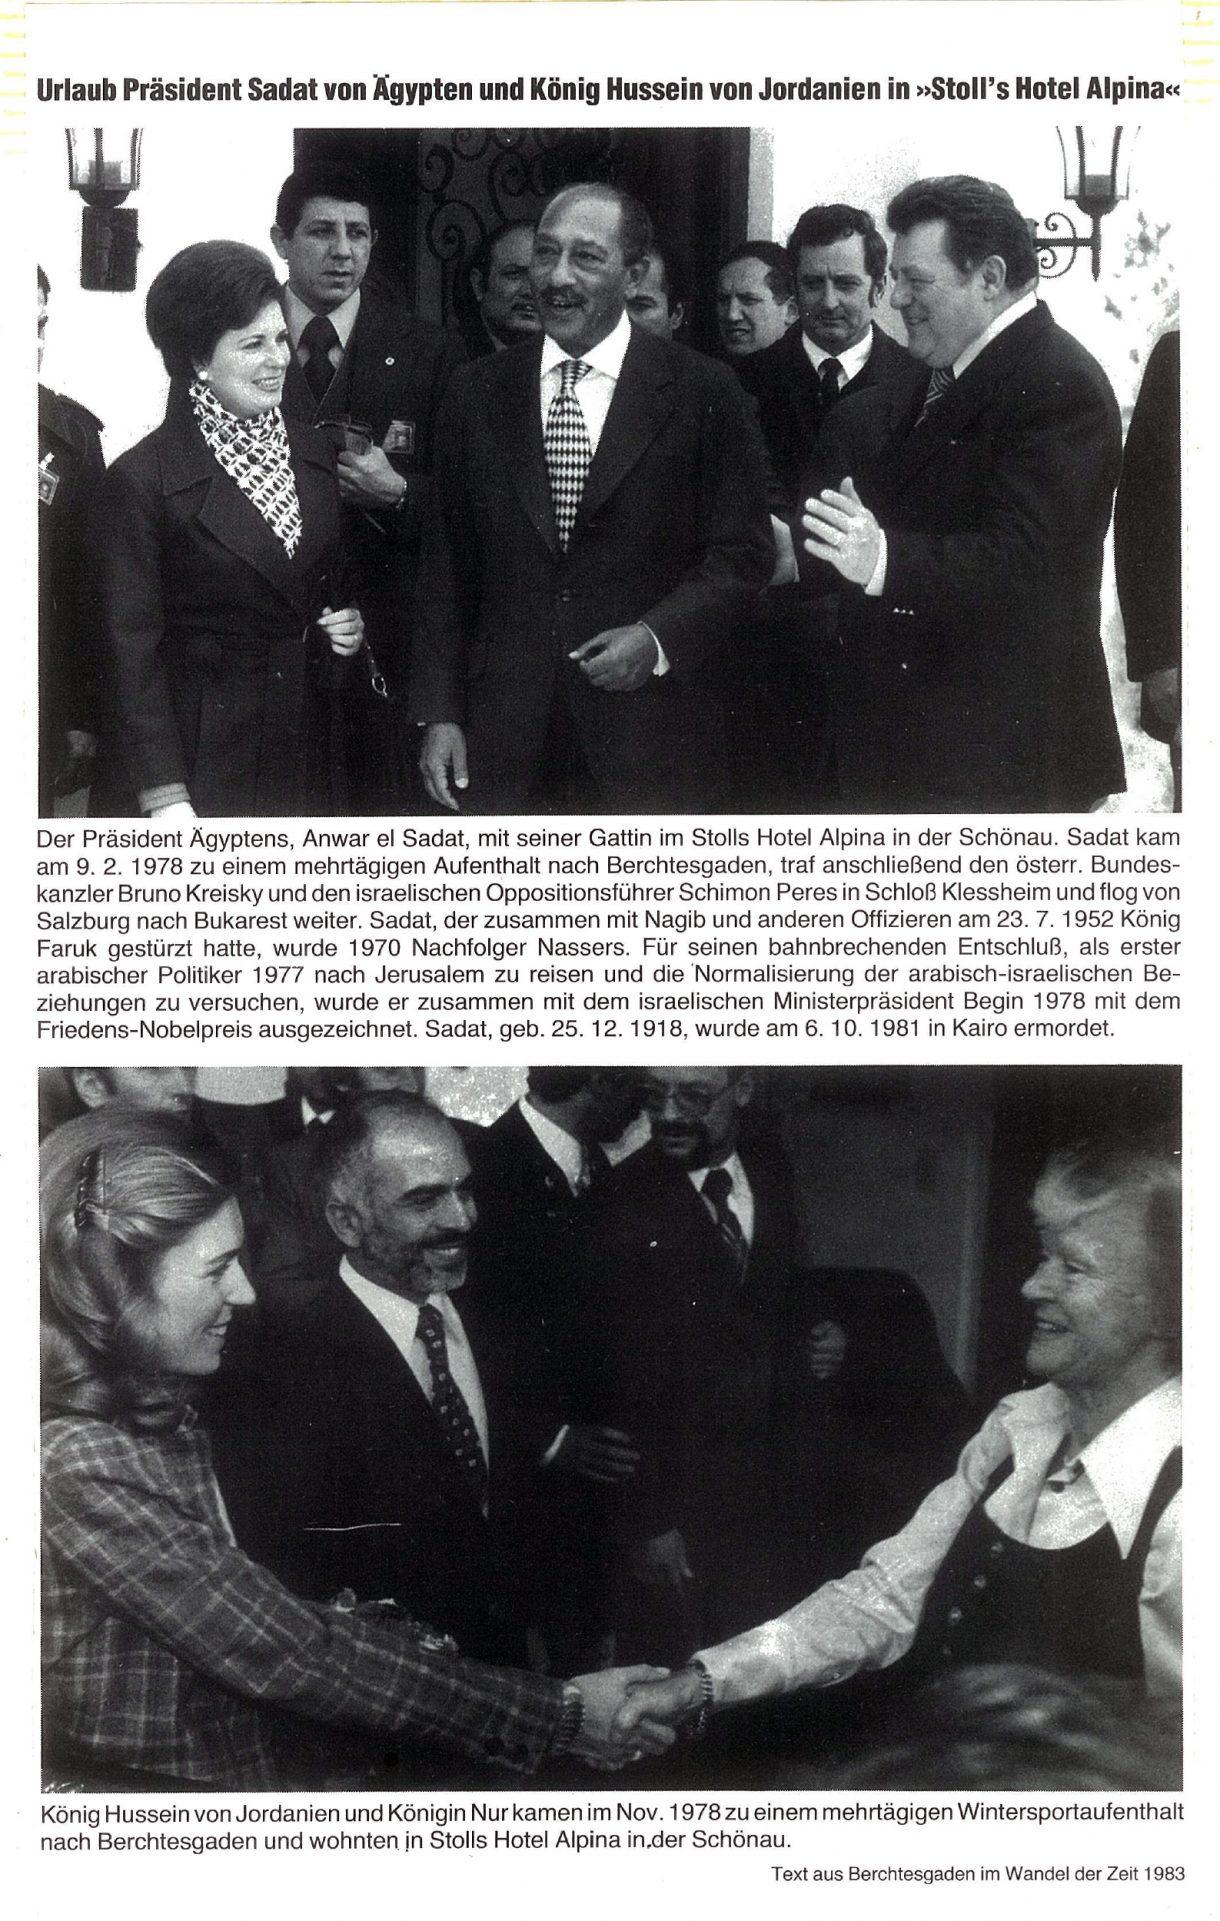 """Februar 1978: Urlaub Präsident Sadat von Ägypten und König Hussein von Jordanien in """"Stoll's Hotel Alpina"""""""